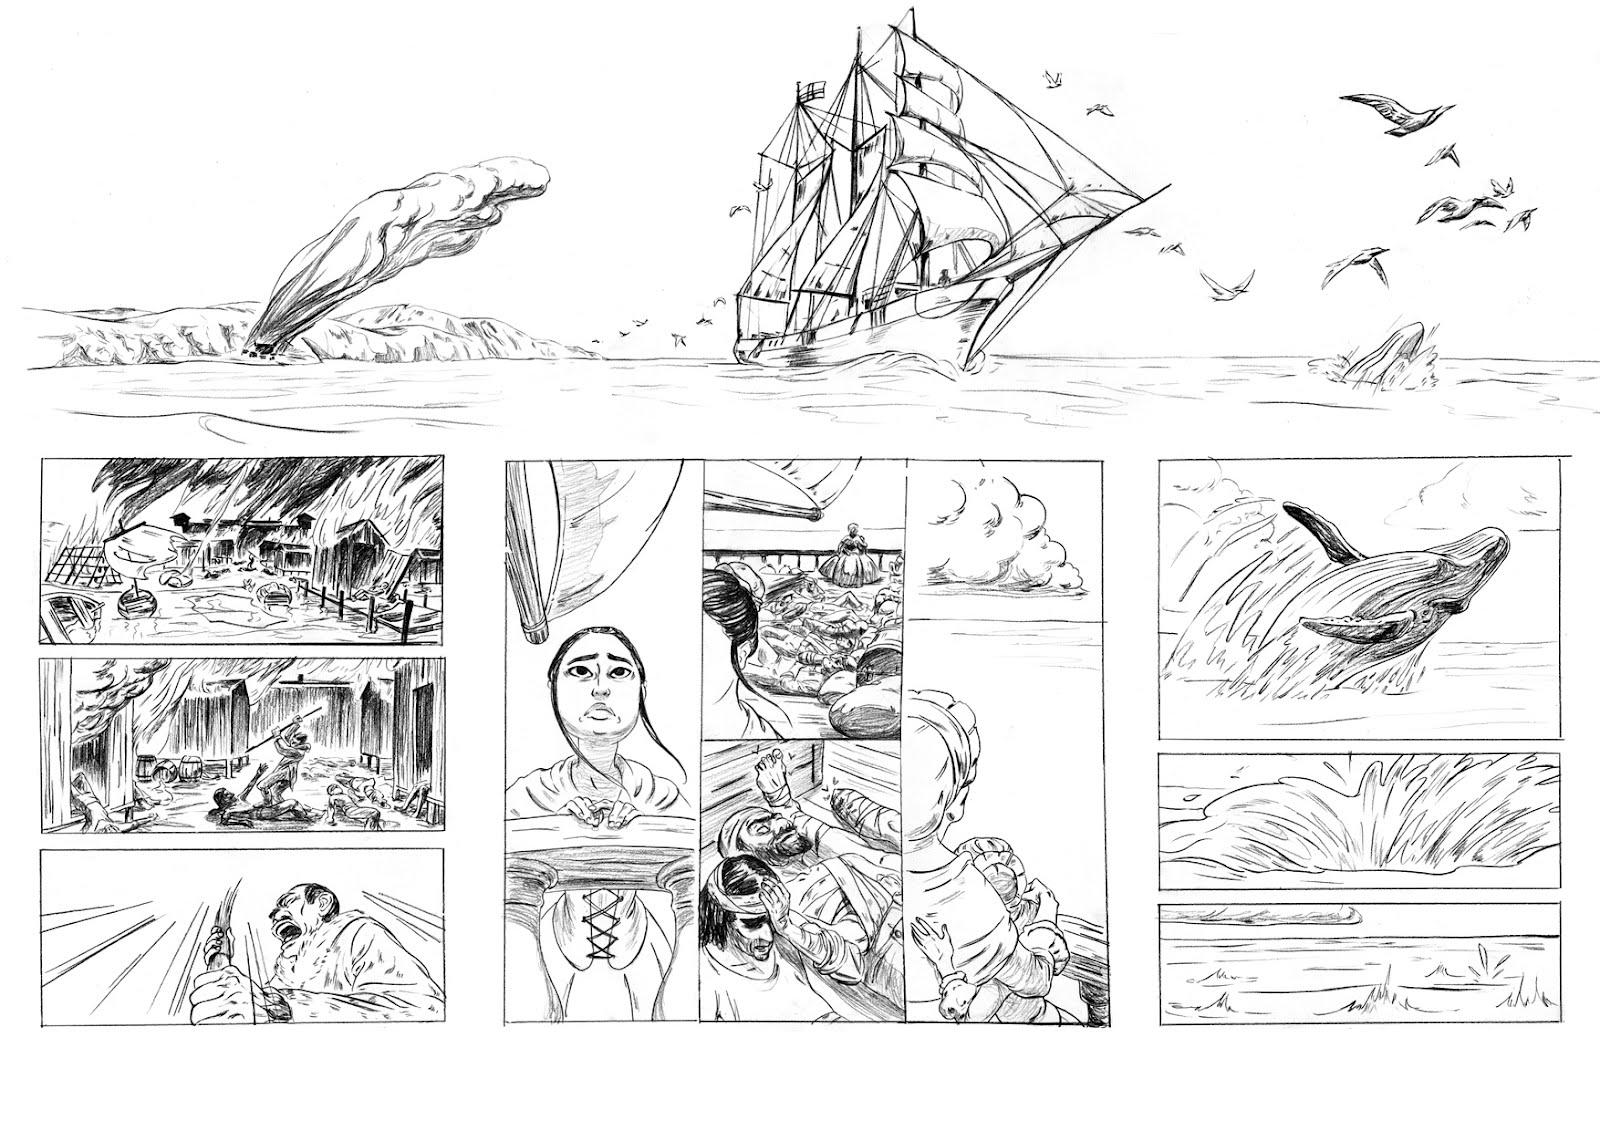 Les origines lointaines de Marie-Angélique Memmie Leblanc... Crayonné par G. Hersent